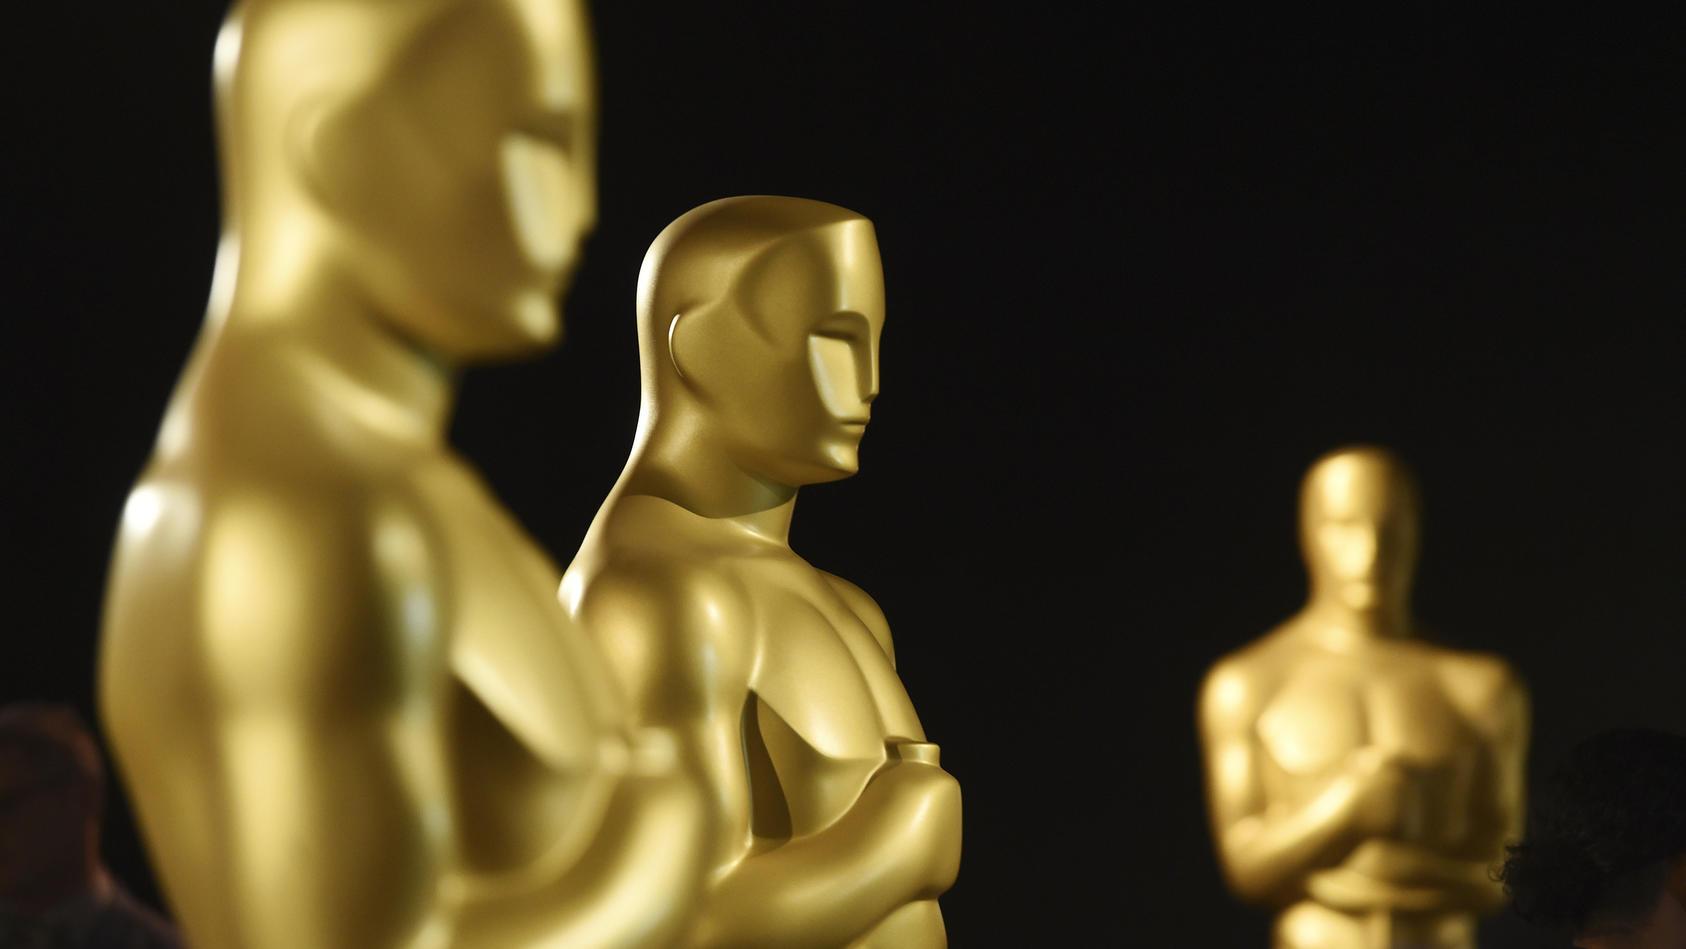 Nicht jeder kann einen Oscar bekommen. Wer sind die Favoriten?